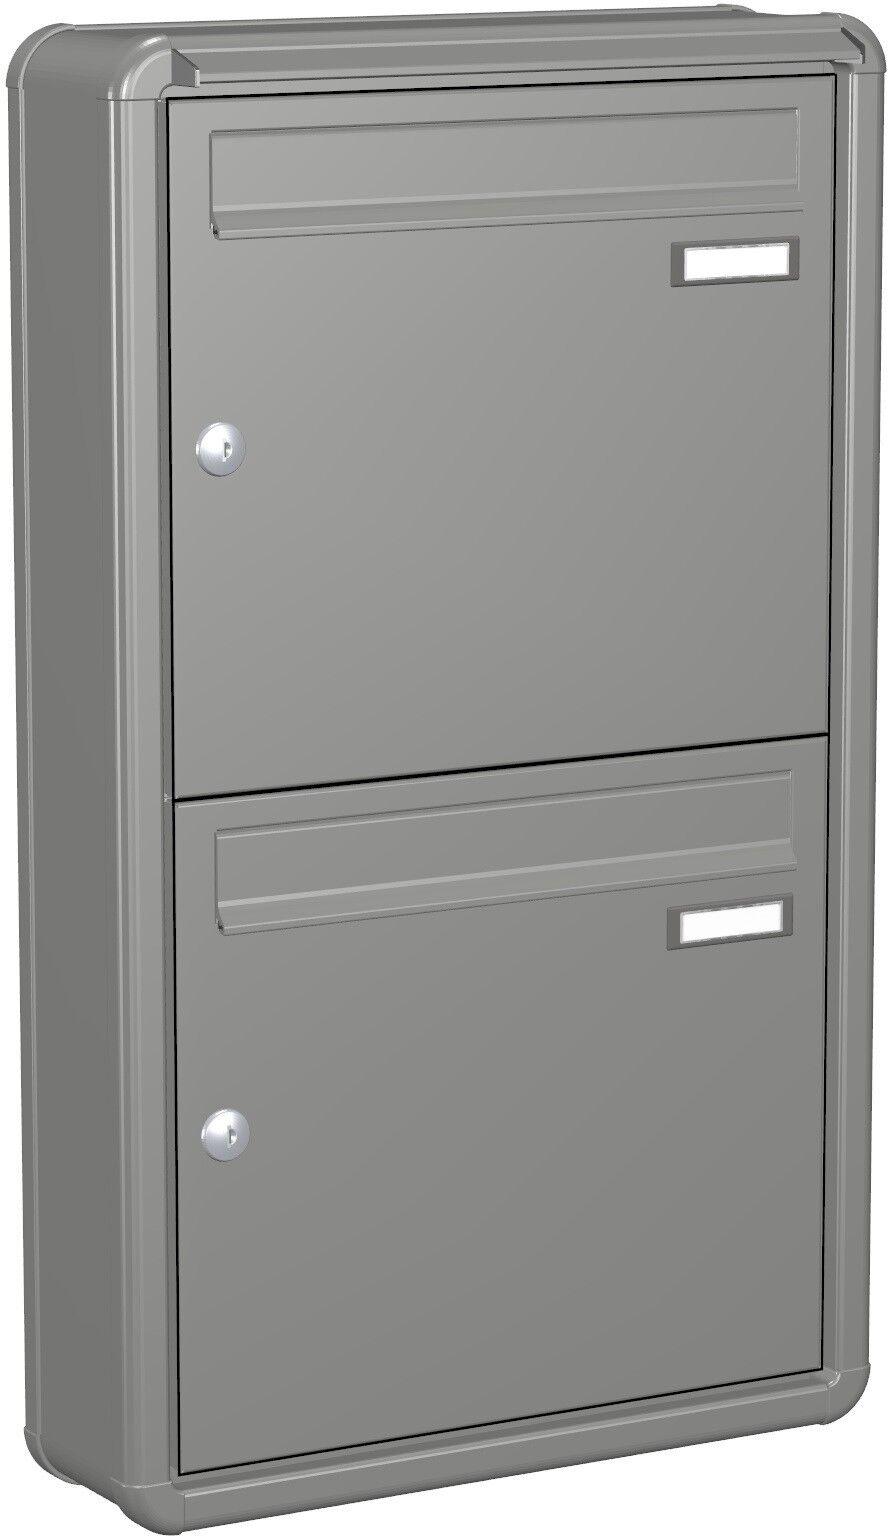 Doppelbriefkasten Aufputz 2er Briefkastenanlage Postkasten Farbauswahl APH102